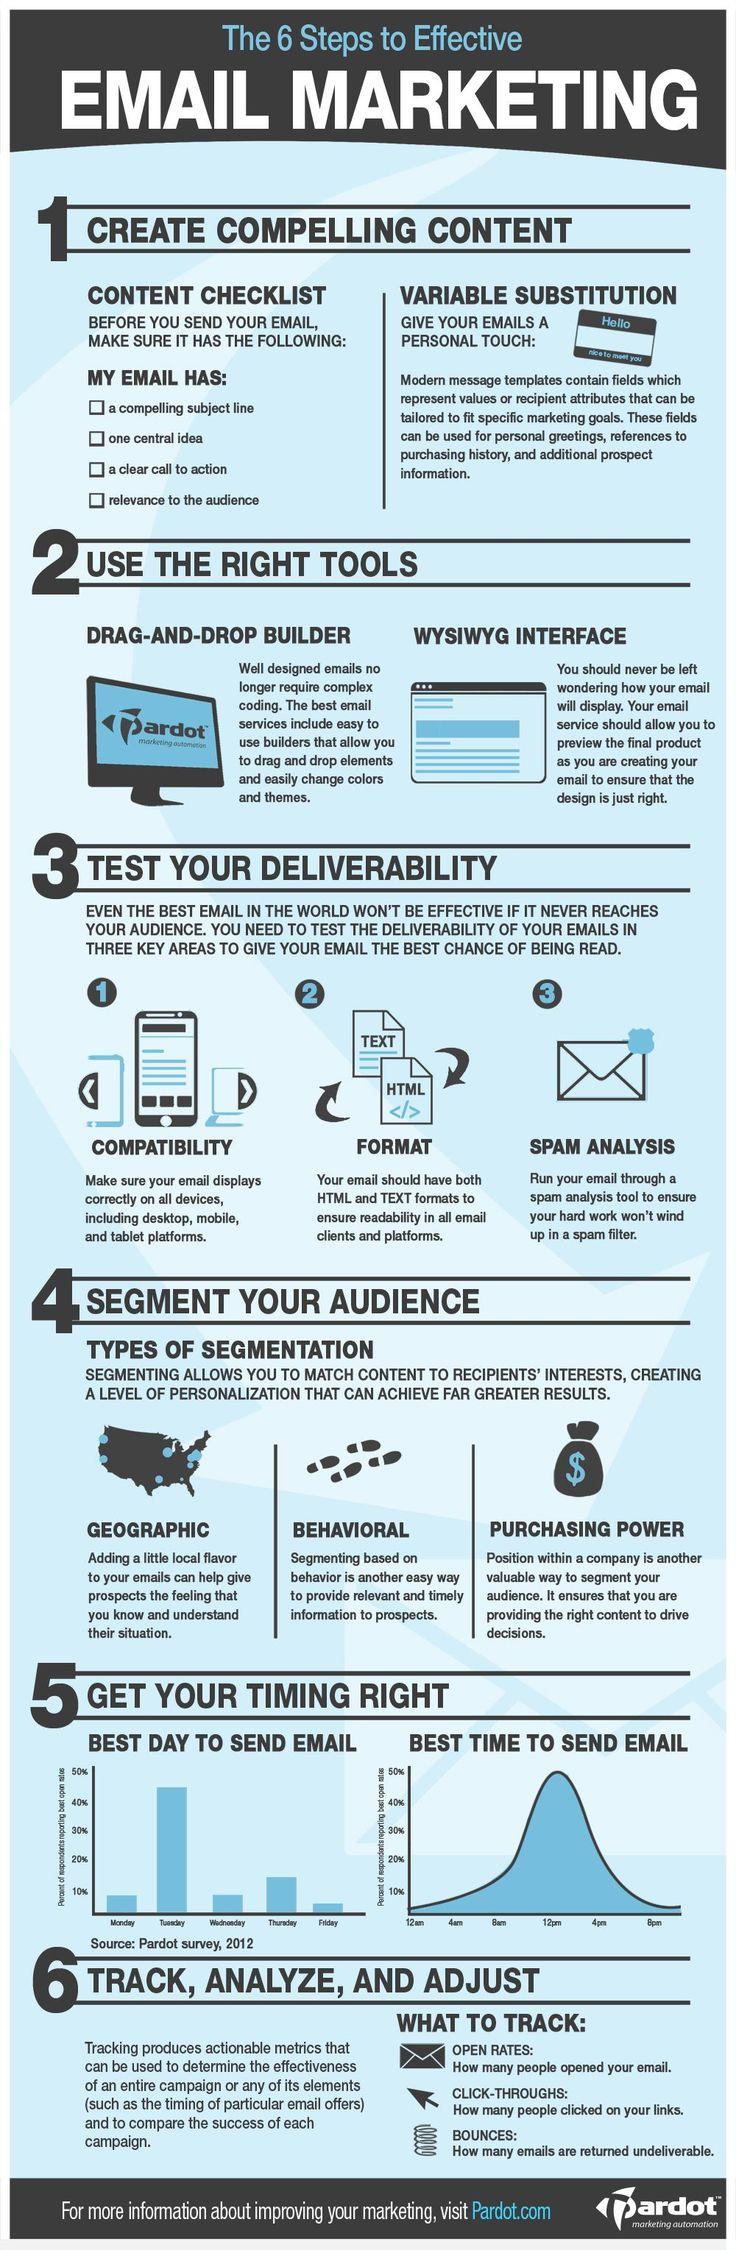 The 6 steps to producing utterly bogstandard emailmarketing infographics Confira dicas, táticas e ferramentas para E-mail Marketing no Blog Estratégia Digital aqui em http://www.estrategiadigital.pt/category/e-mail-marketing/